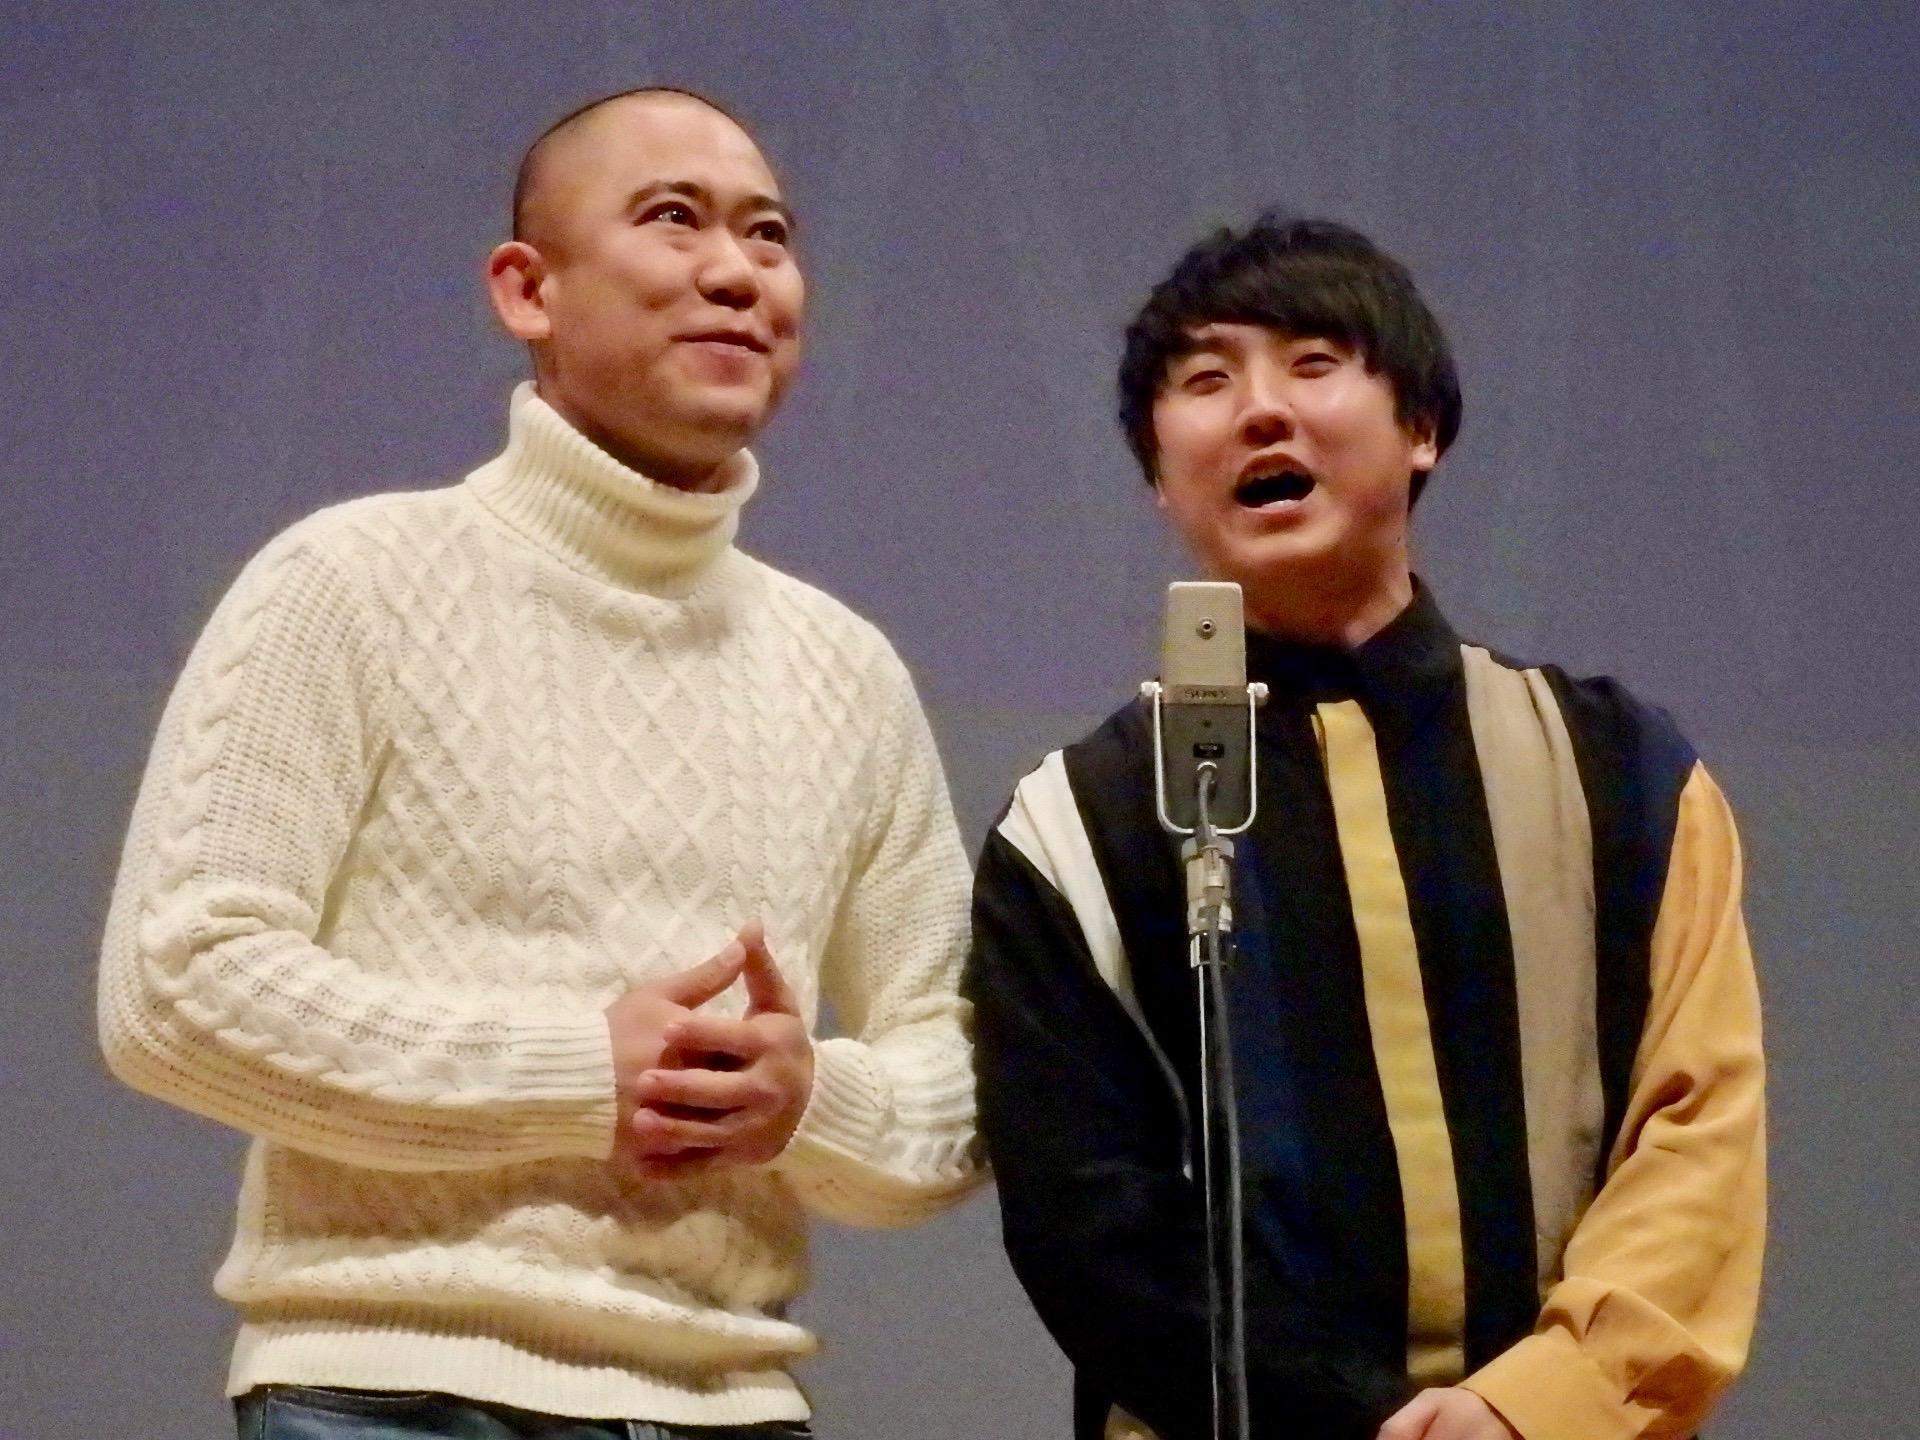 http://news.yoshimoto.co.jp/20190203175444-c6cd32cbaf39f568c10d2adc5c160ecb498d89ff.jpeg